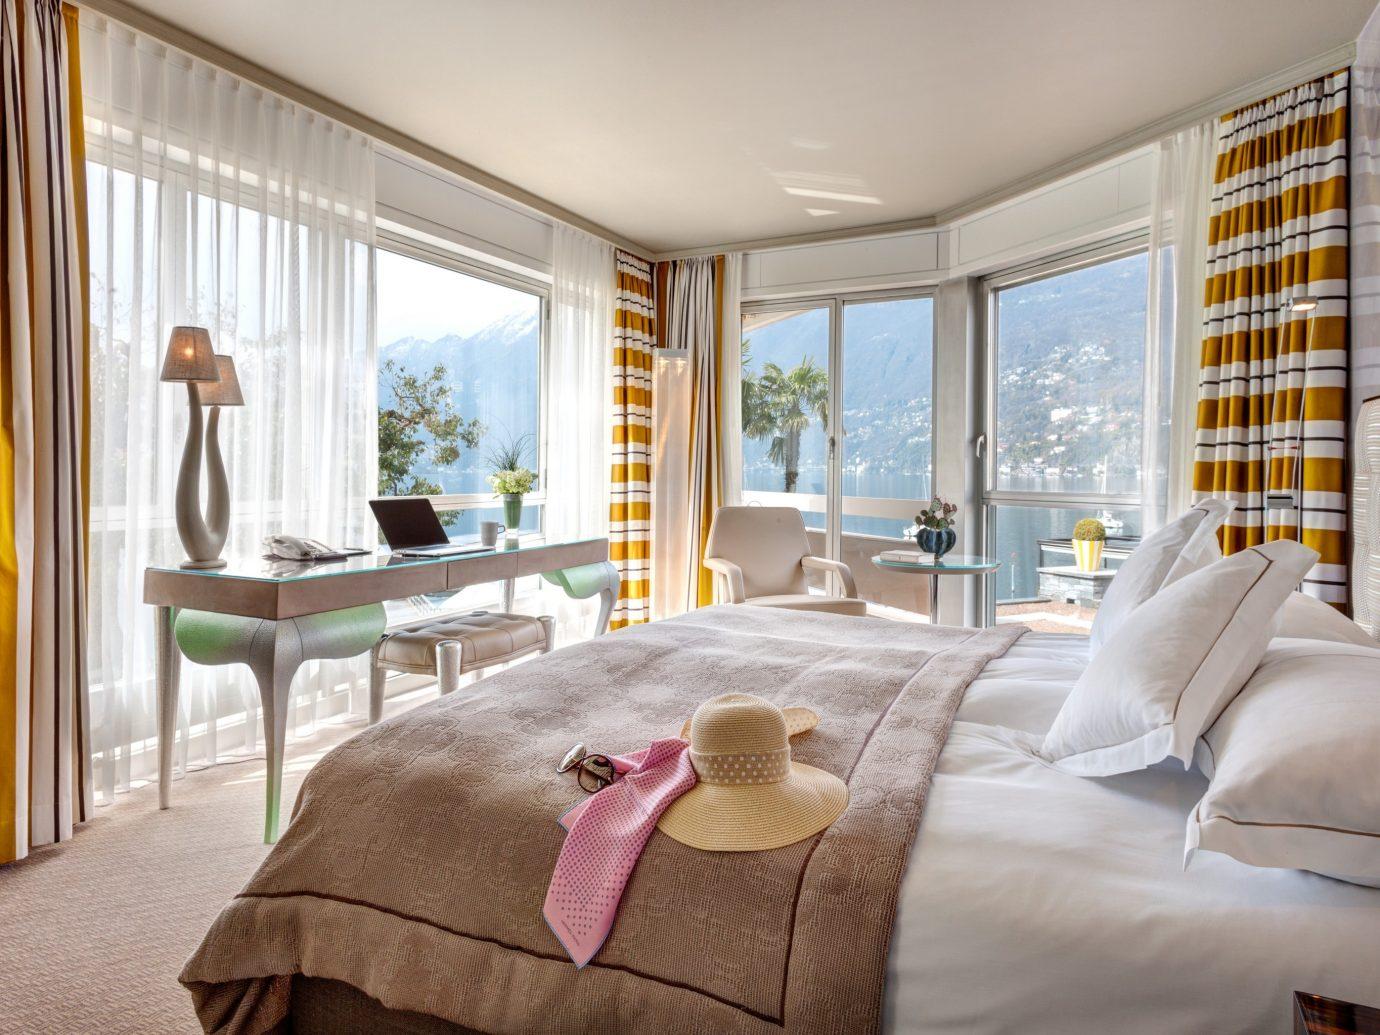 Bedroom at Hotel Eden Roc